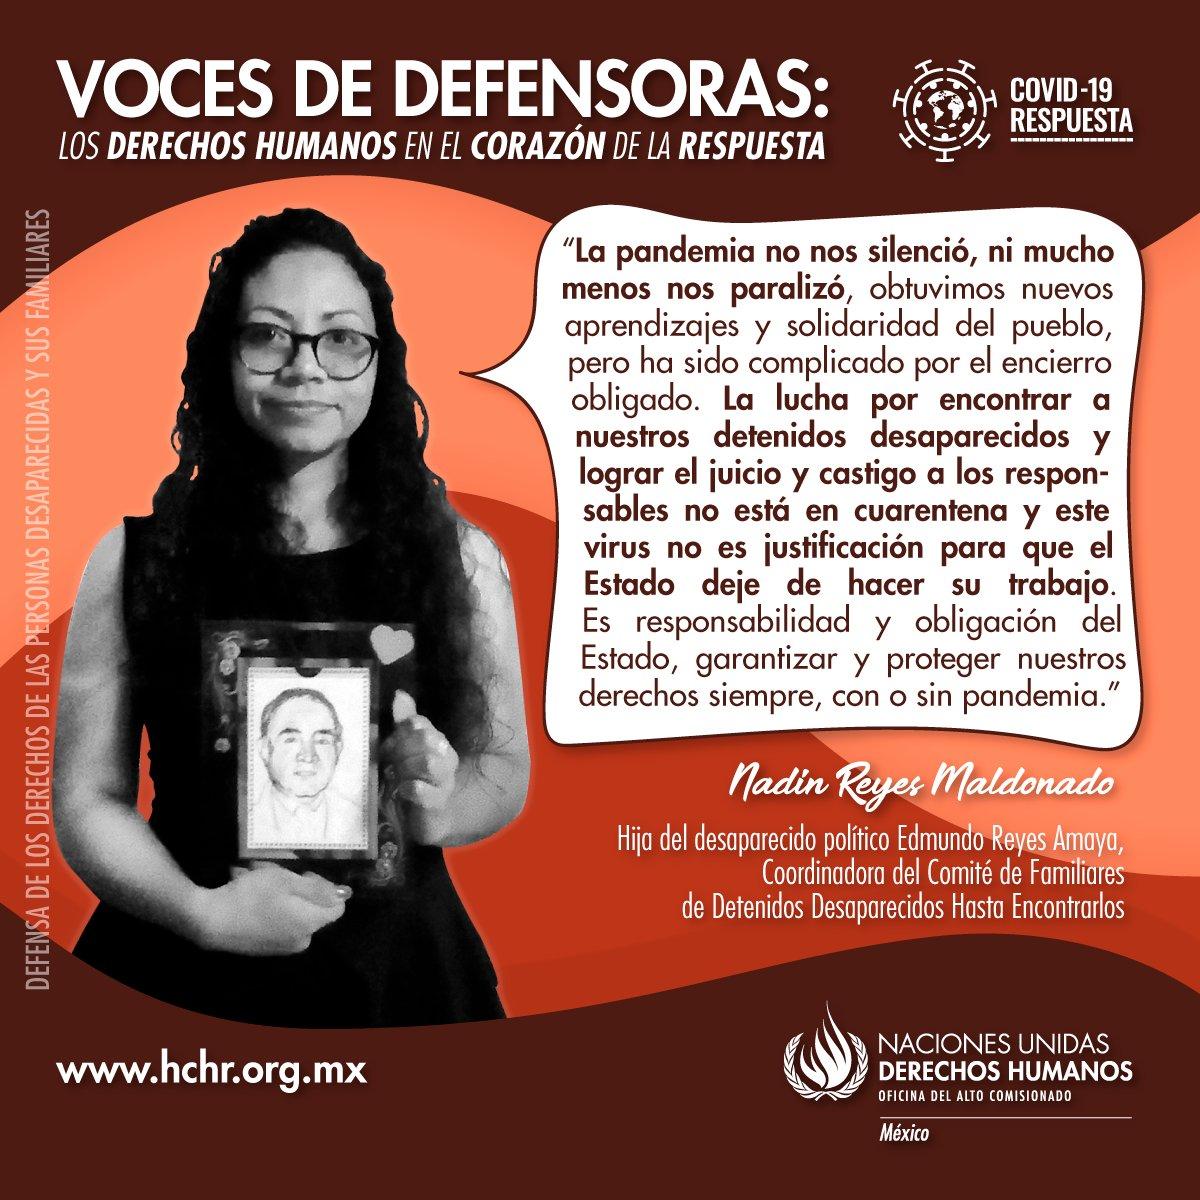 """La voz de Nadín Reyes Maldonado, coordinadora del Comité de Familiares de Detenidos Desaparecidos """"Hasta Encontrarlos"""", acompaña la lucha de todos aquellos que, en el contexto de esta crisis sanitaria, siguen en busca de los desaparecidos.   #VocesDeDefensoras #ONUMxCovid19 https://t.co/wadh7jkppo"""